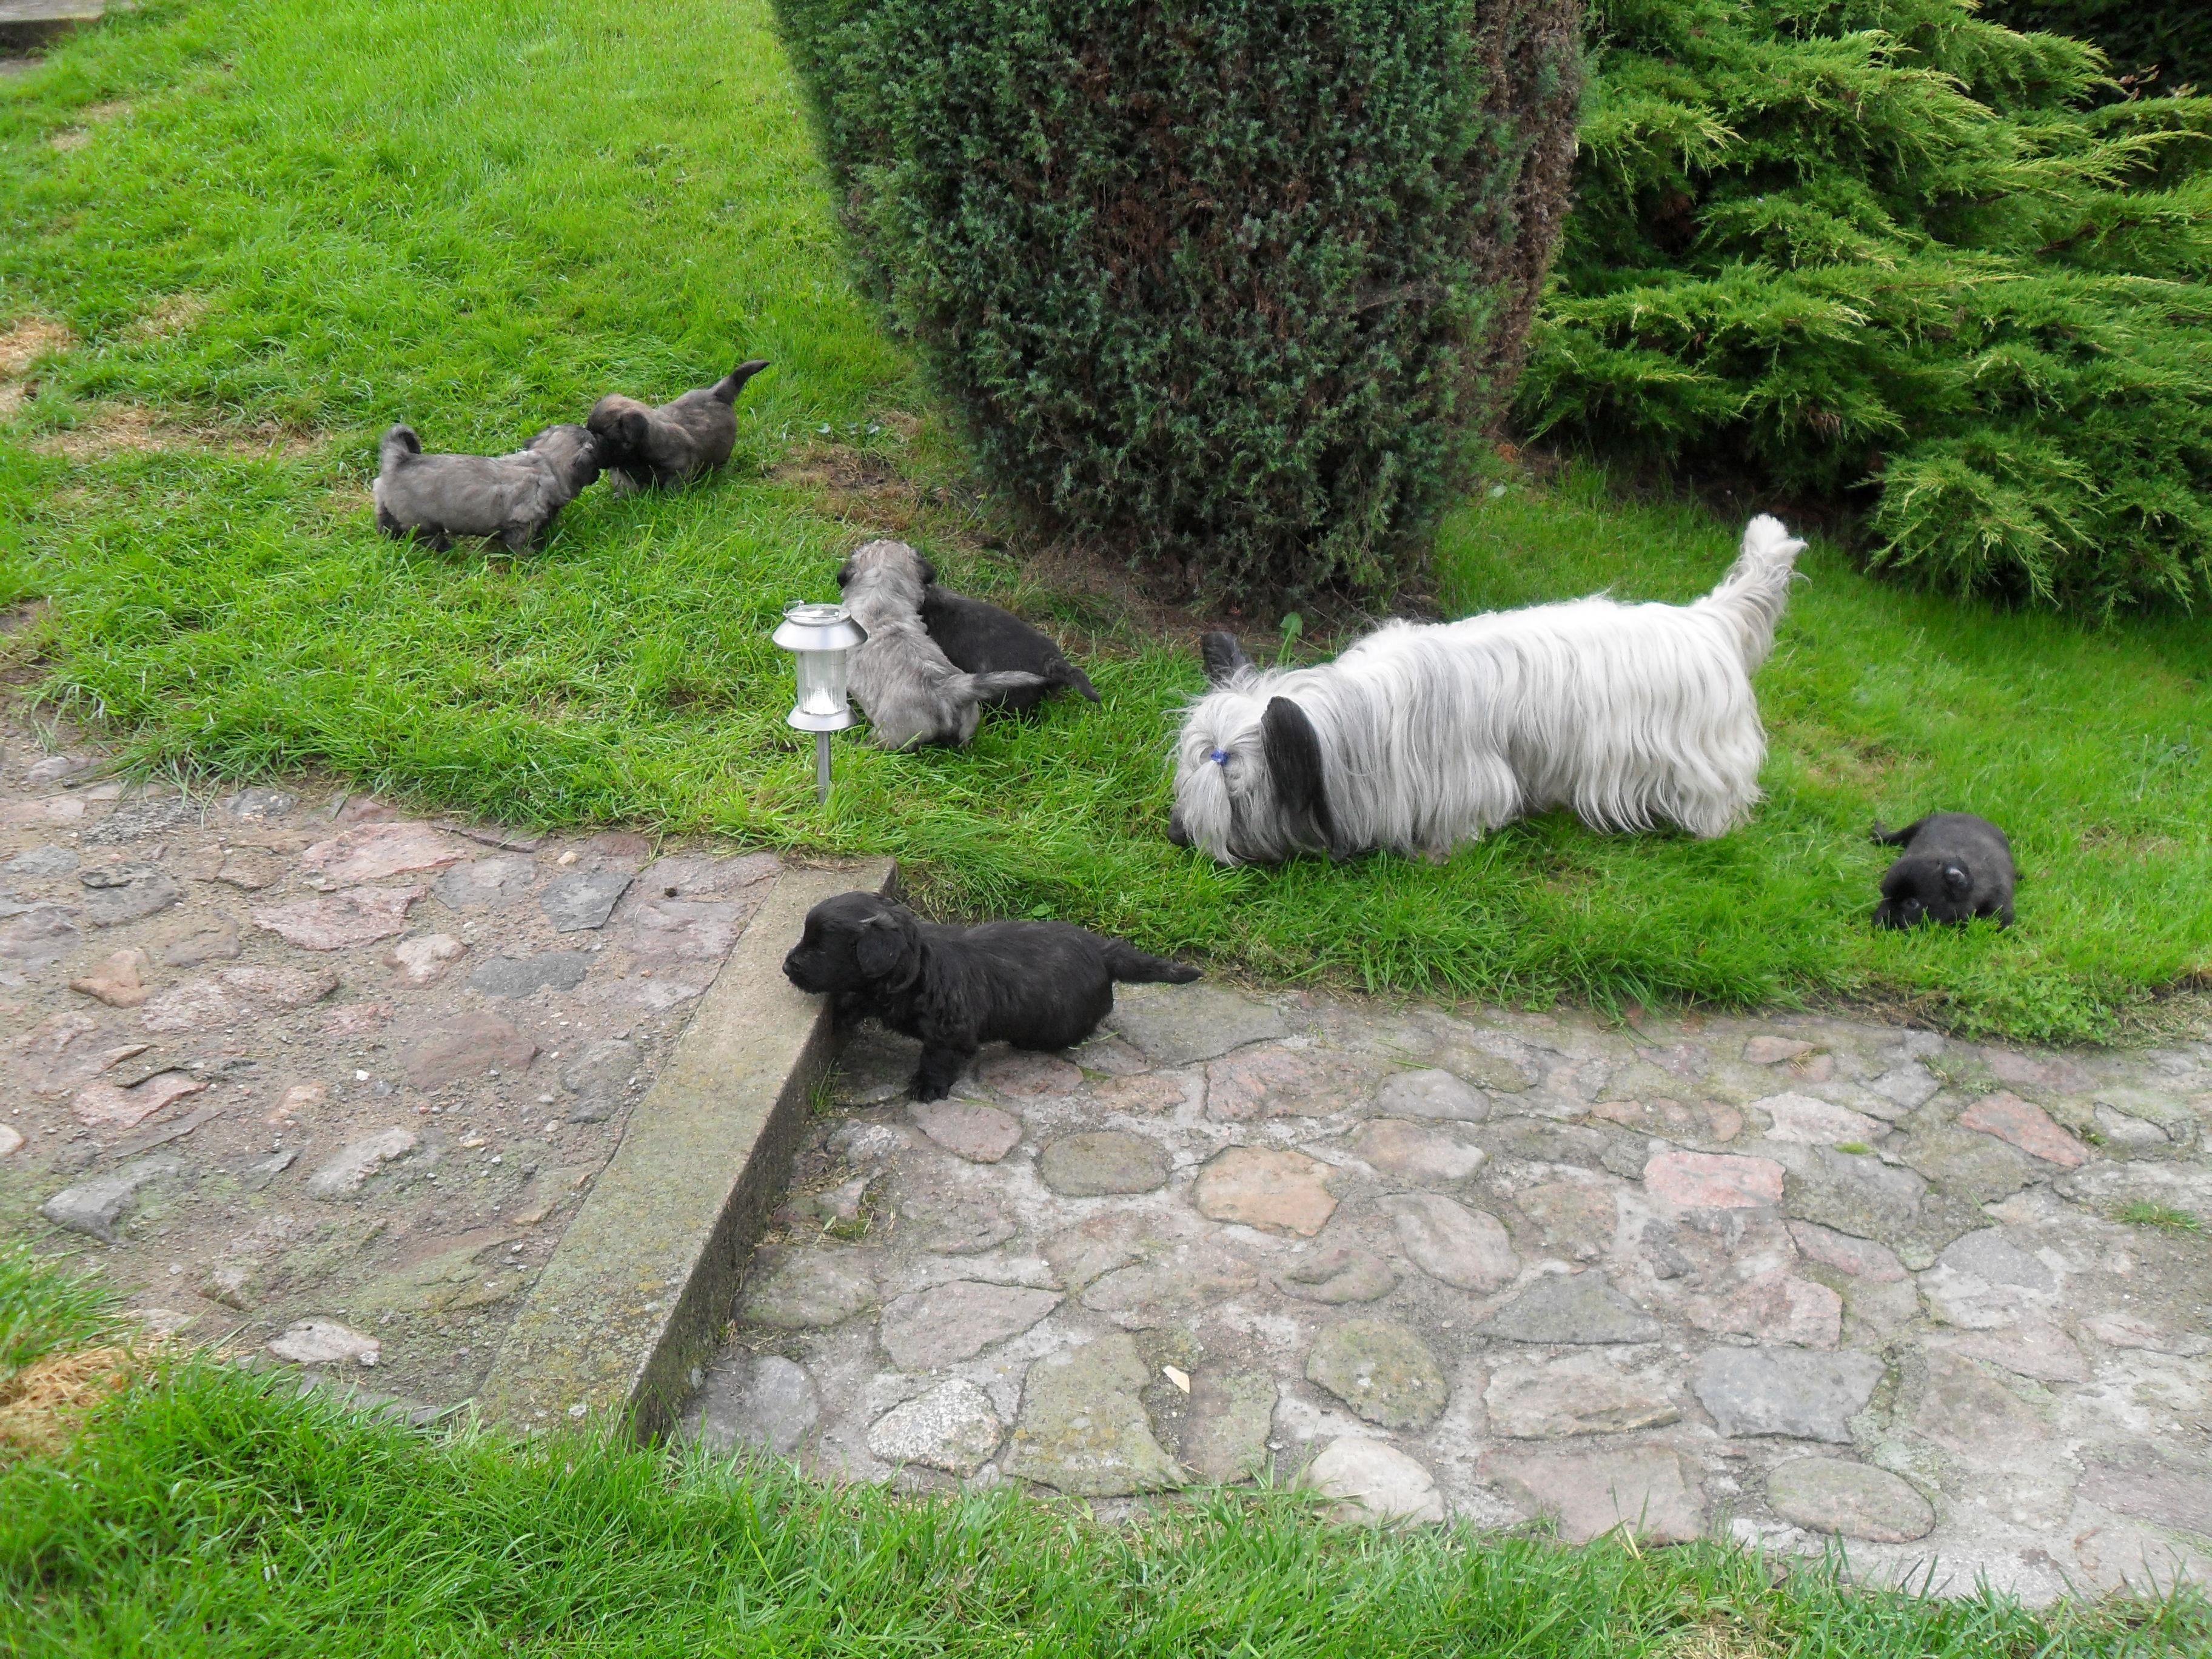 Schnüffeln in fremden Gärten